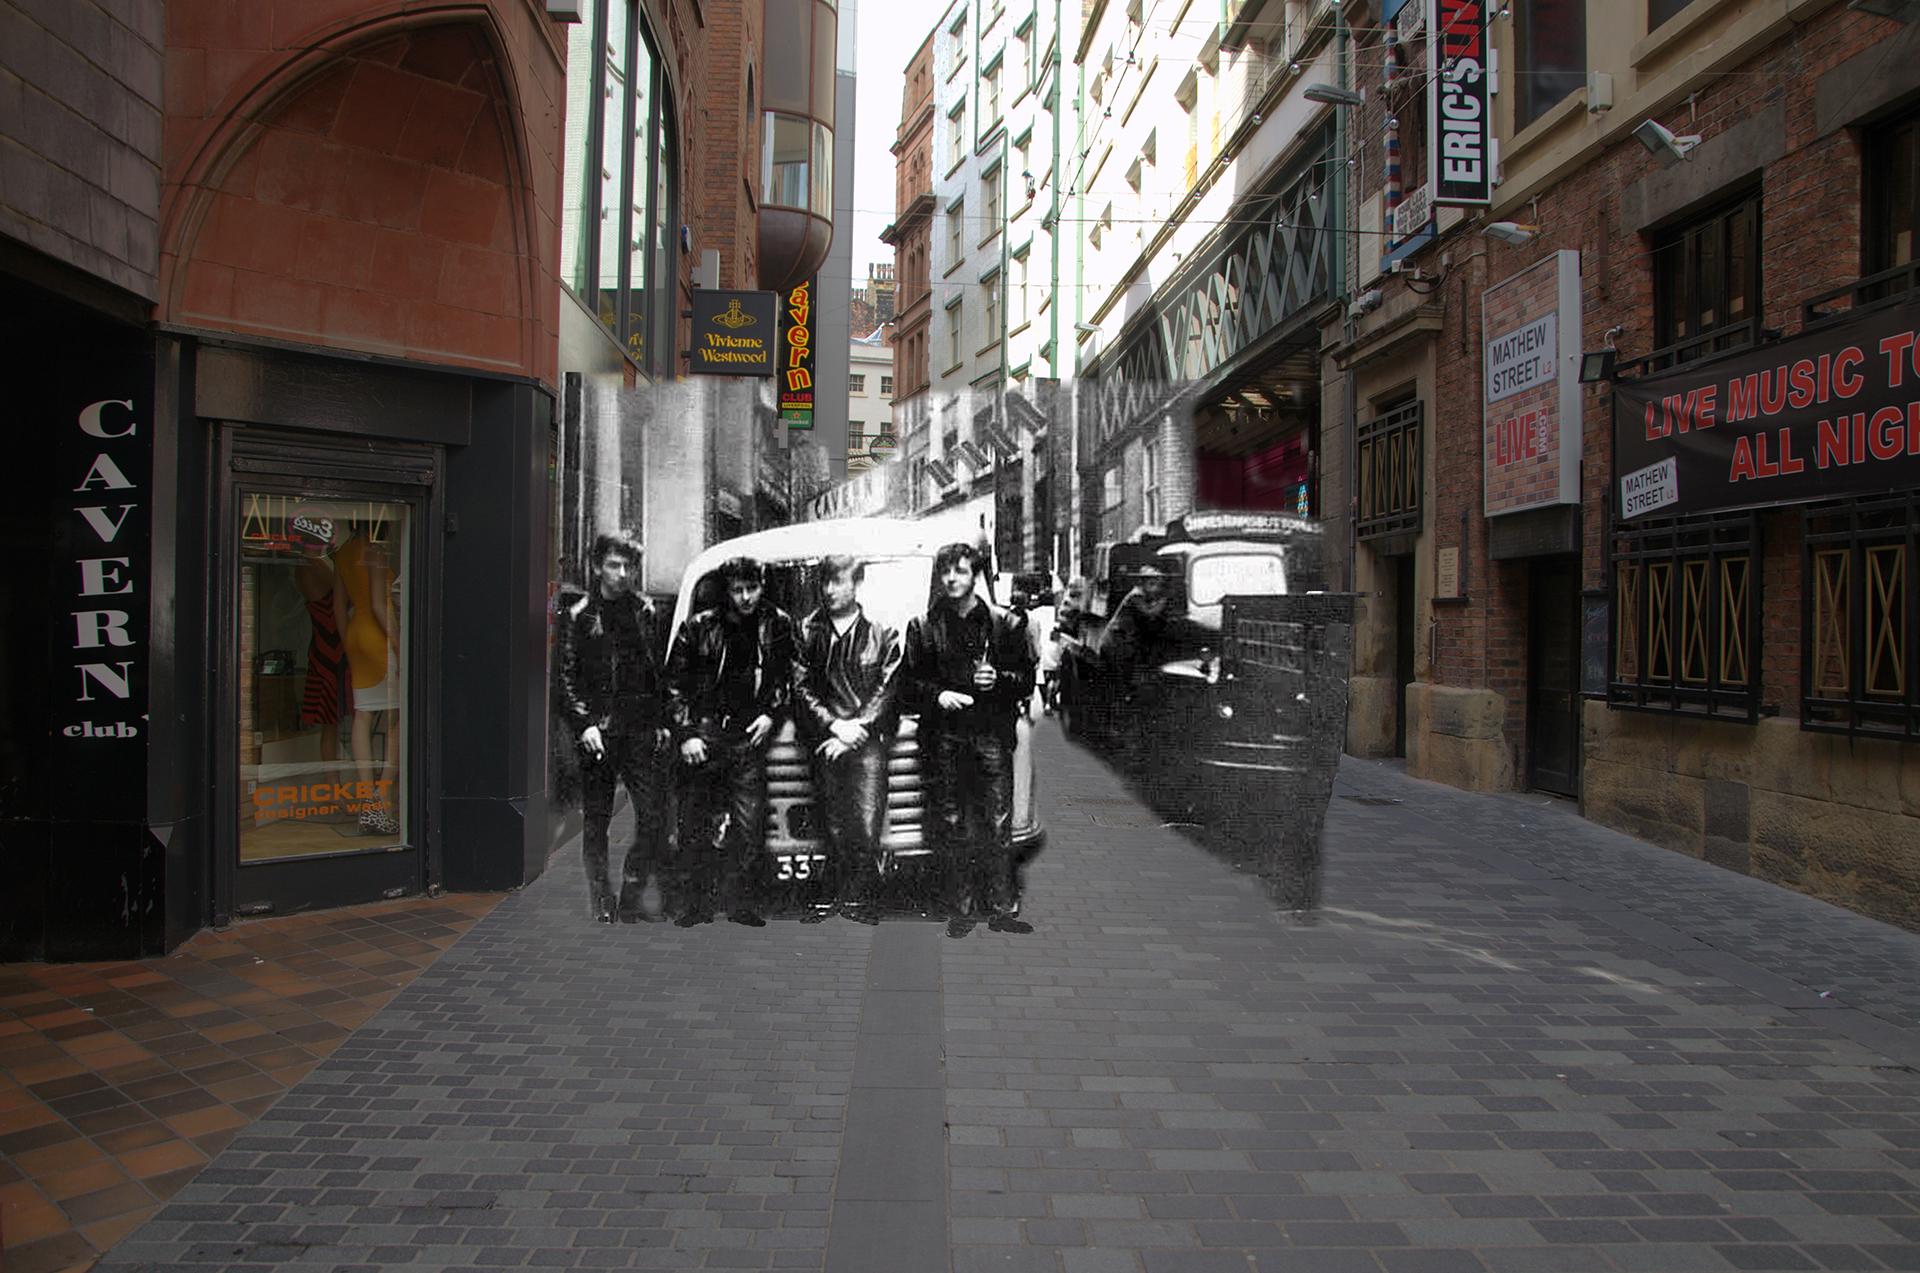 Otra postal del Cavern Club en Mathew Street, esta vez los cuatro Beatles con su baterista original, Pete Best